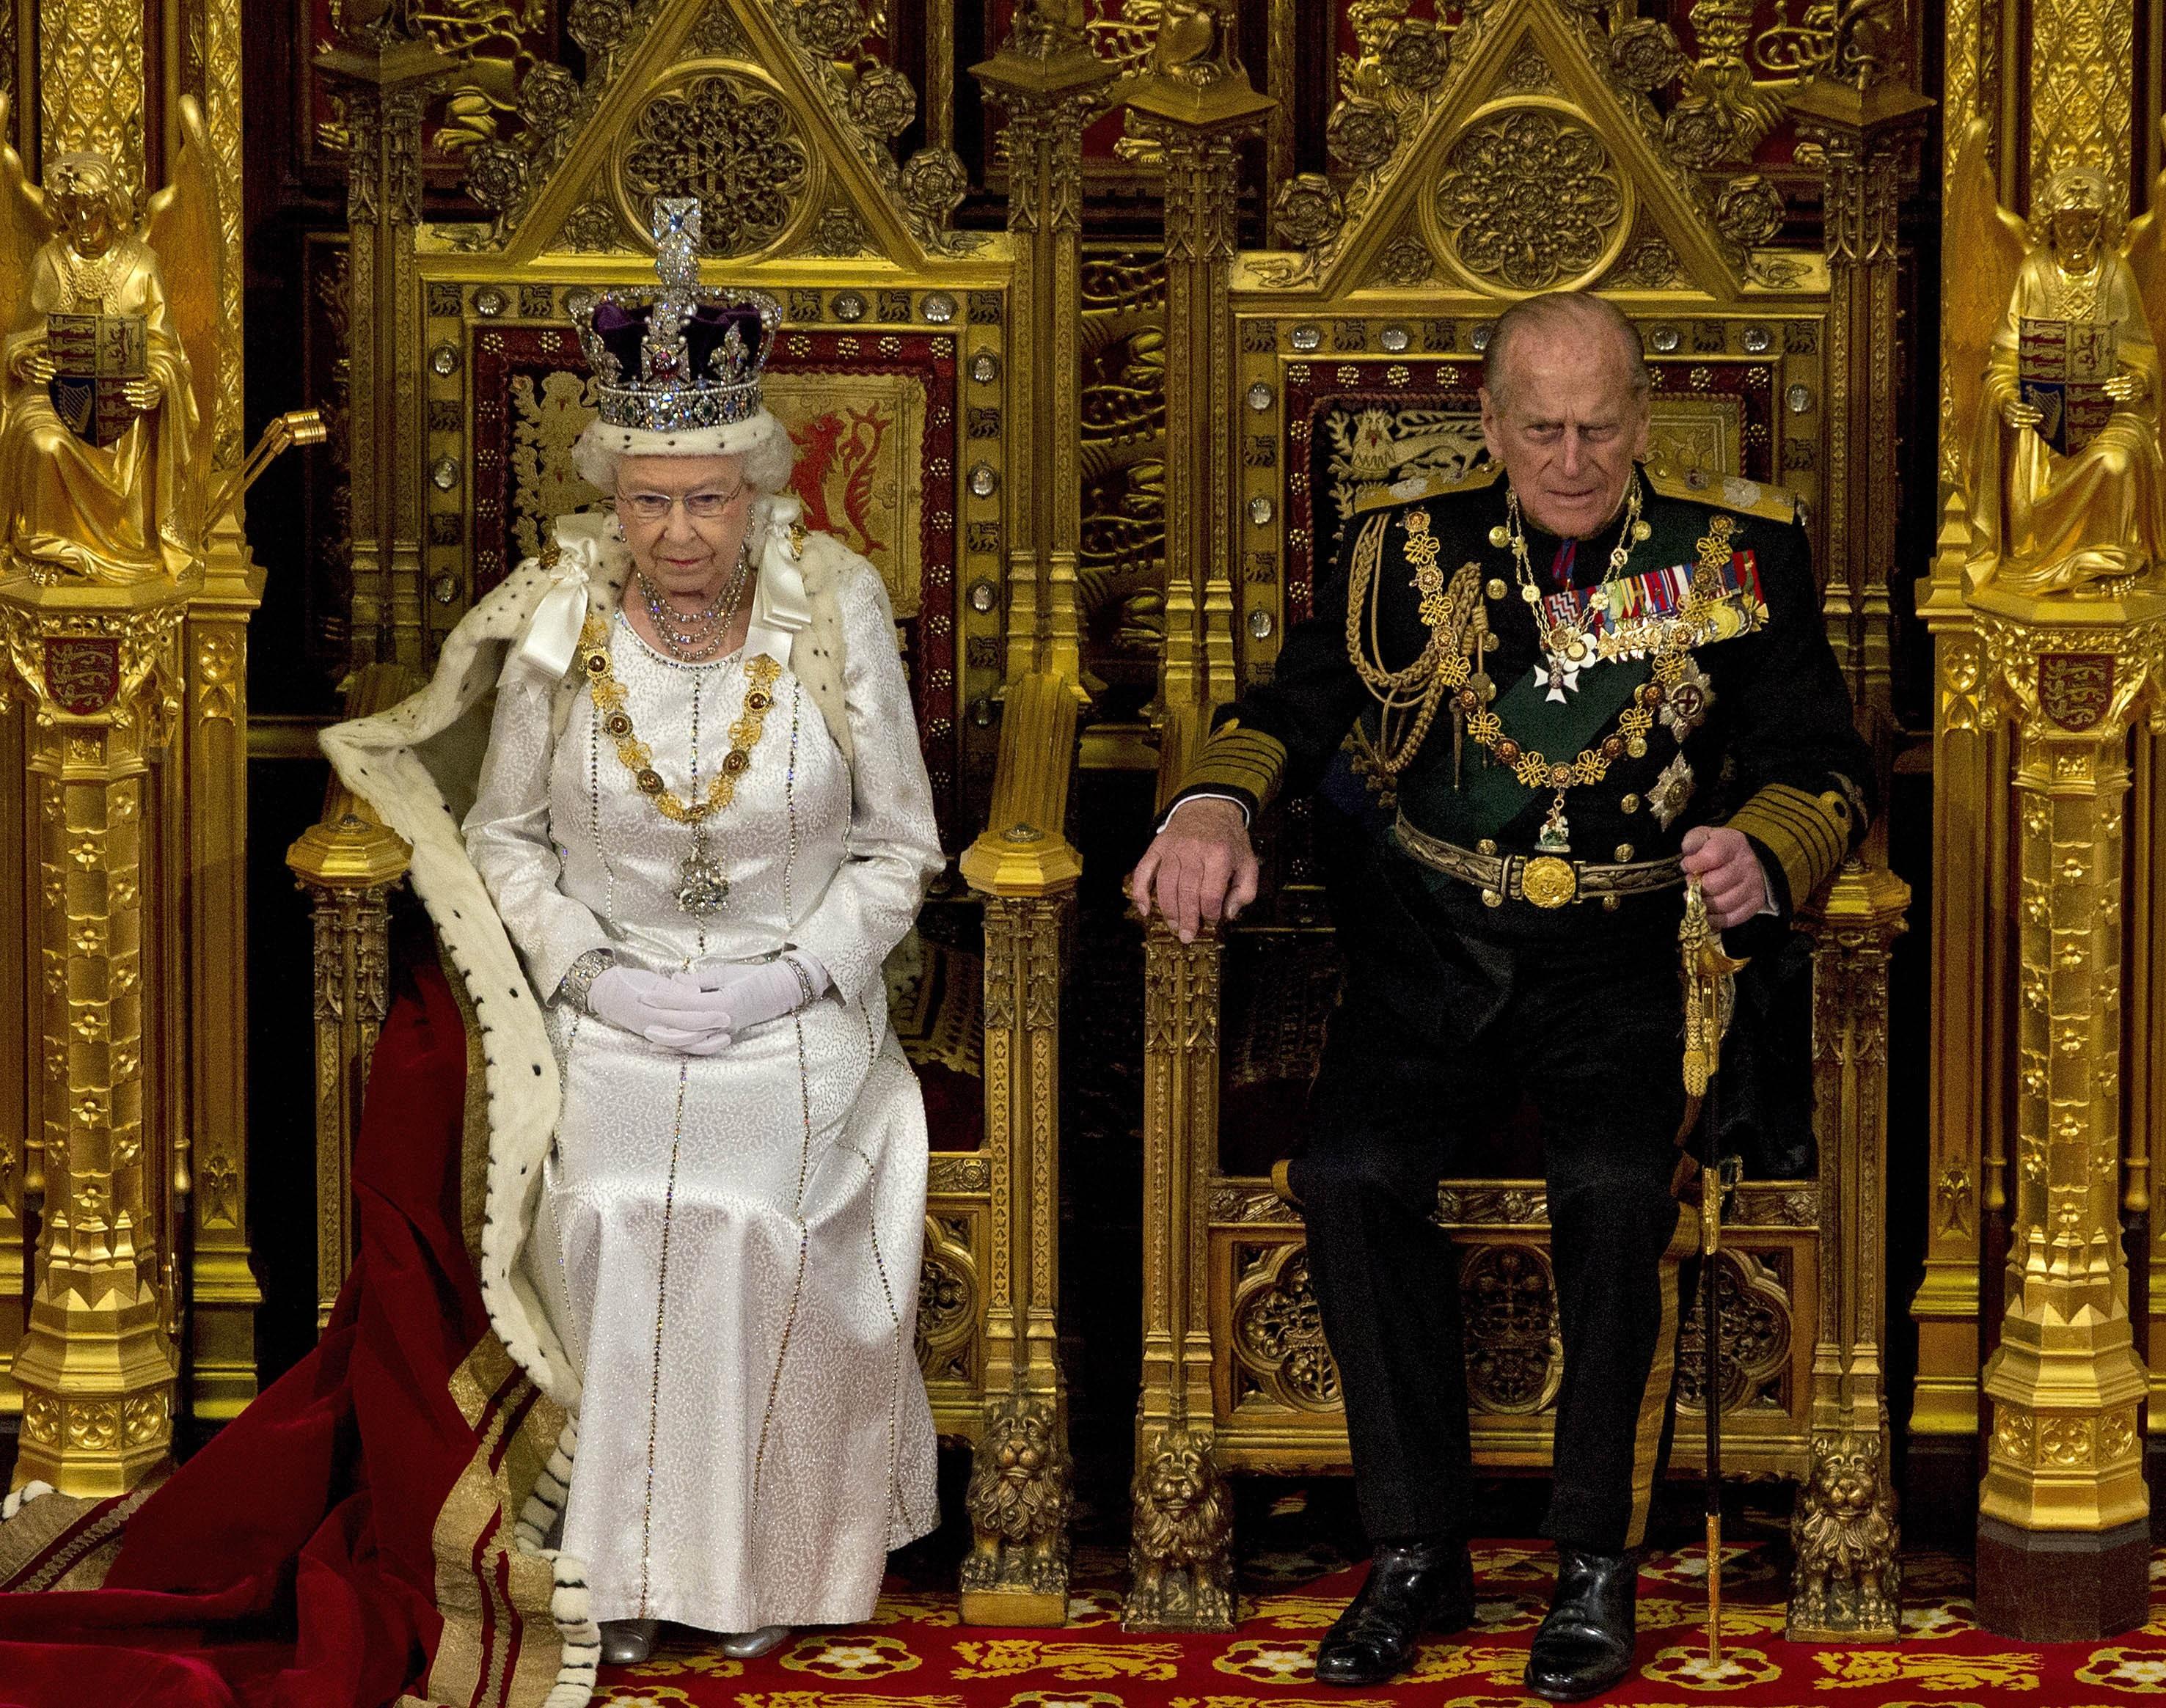 El príncipe Philip era el consorte monárquico más longevo de la Corona británica, con más de setenta años junto a la reina Elizabeth II. (AP)